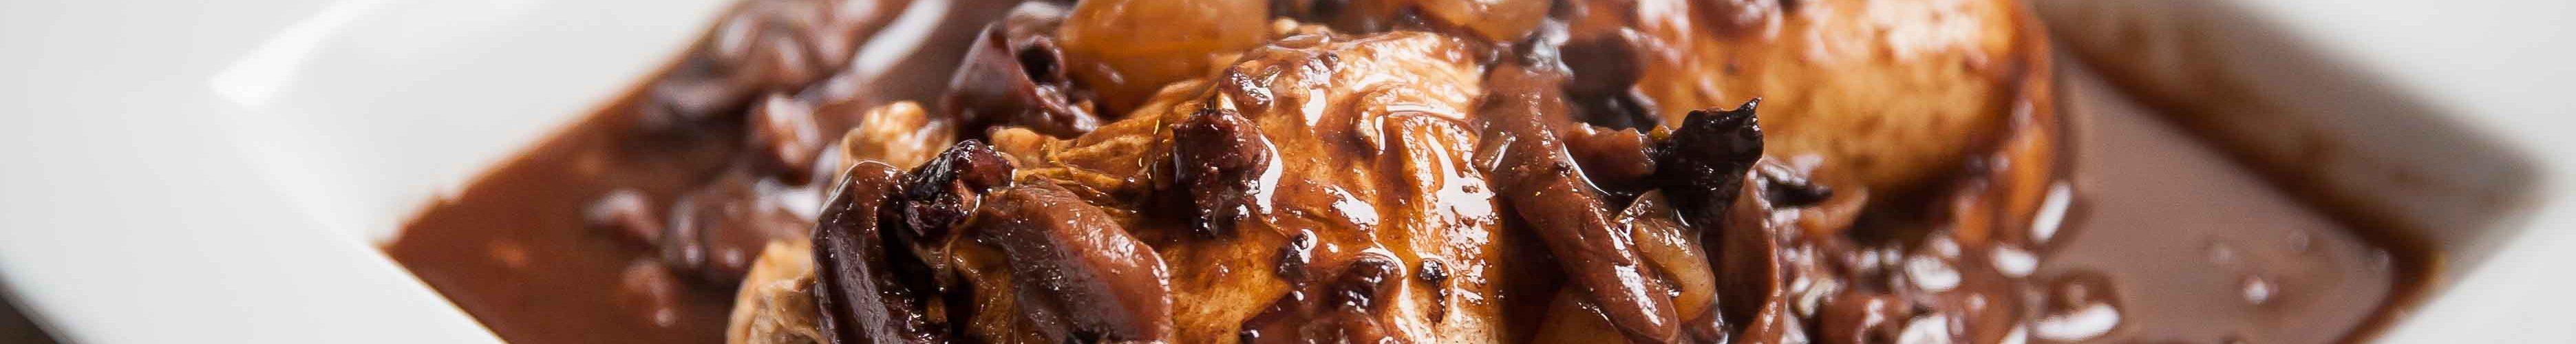 La recette des oeufs Meurette de l'Uaberge du Vieux Vigneron de Jean-Charles Fagot